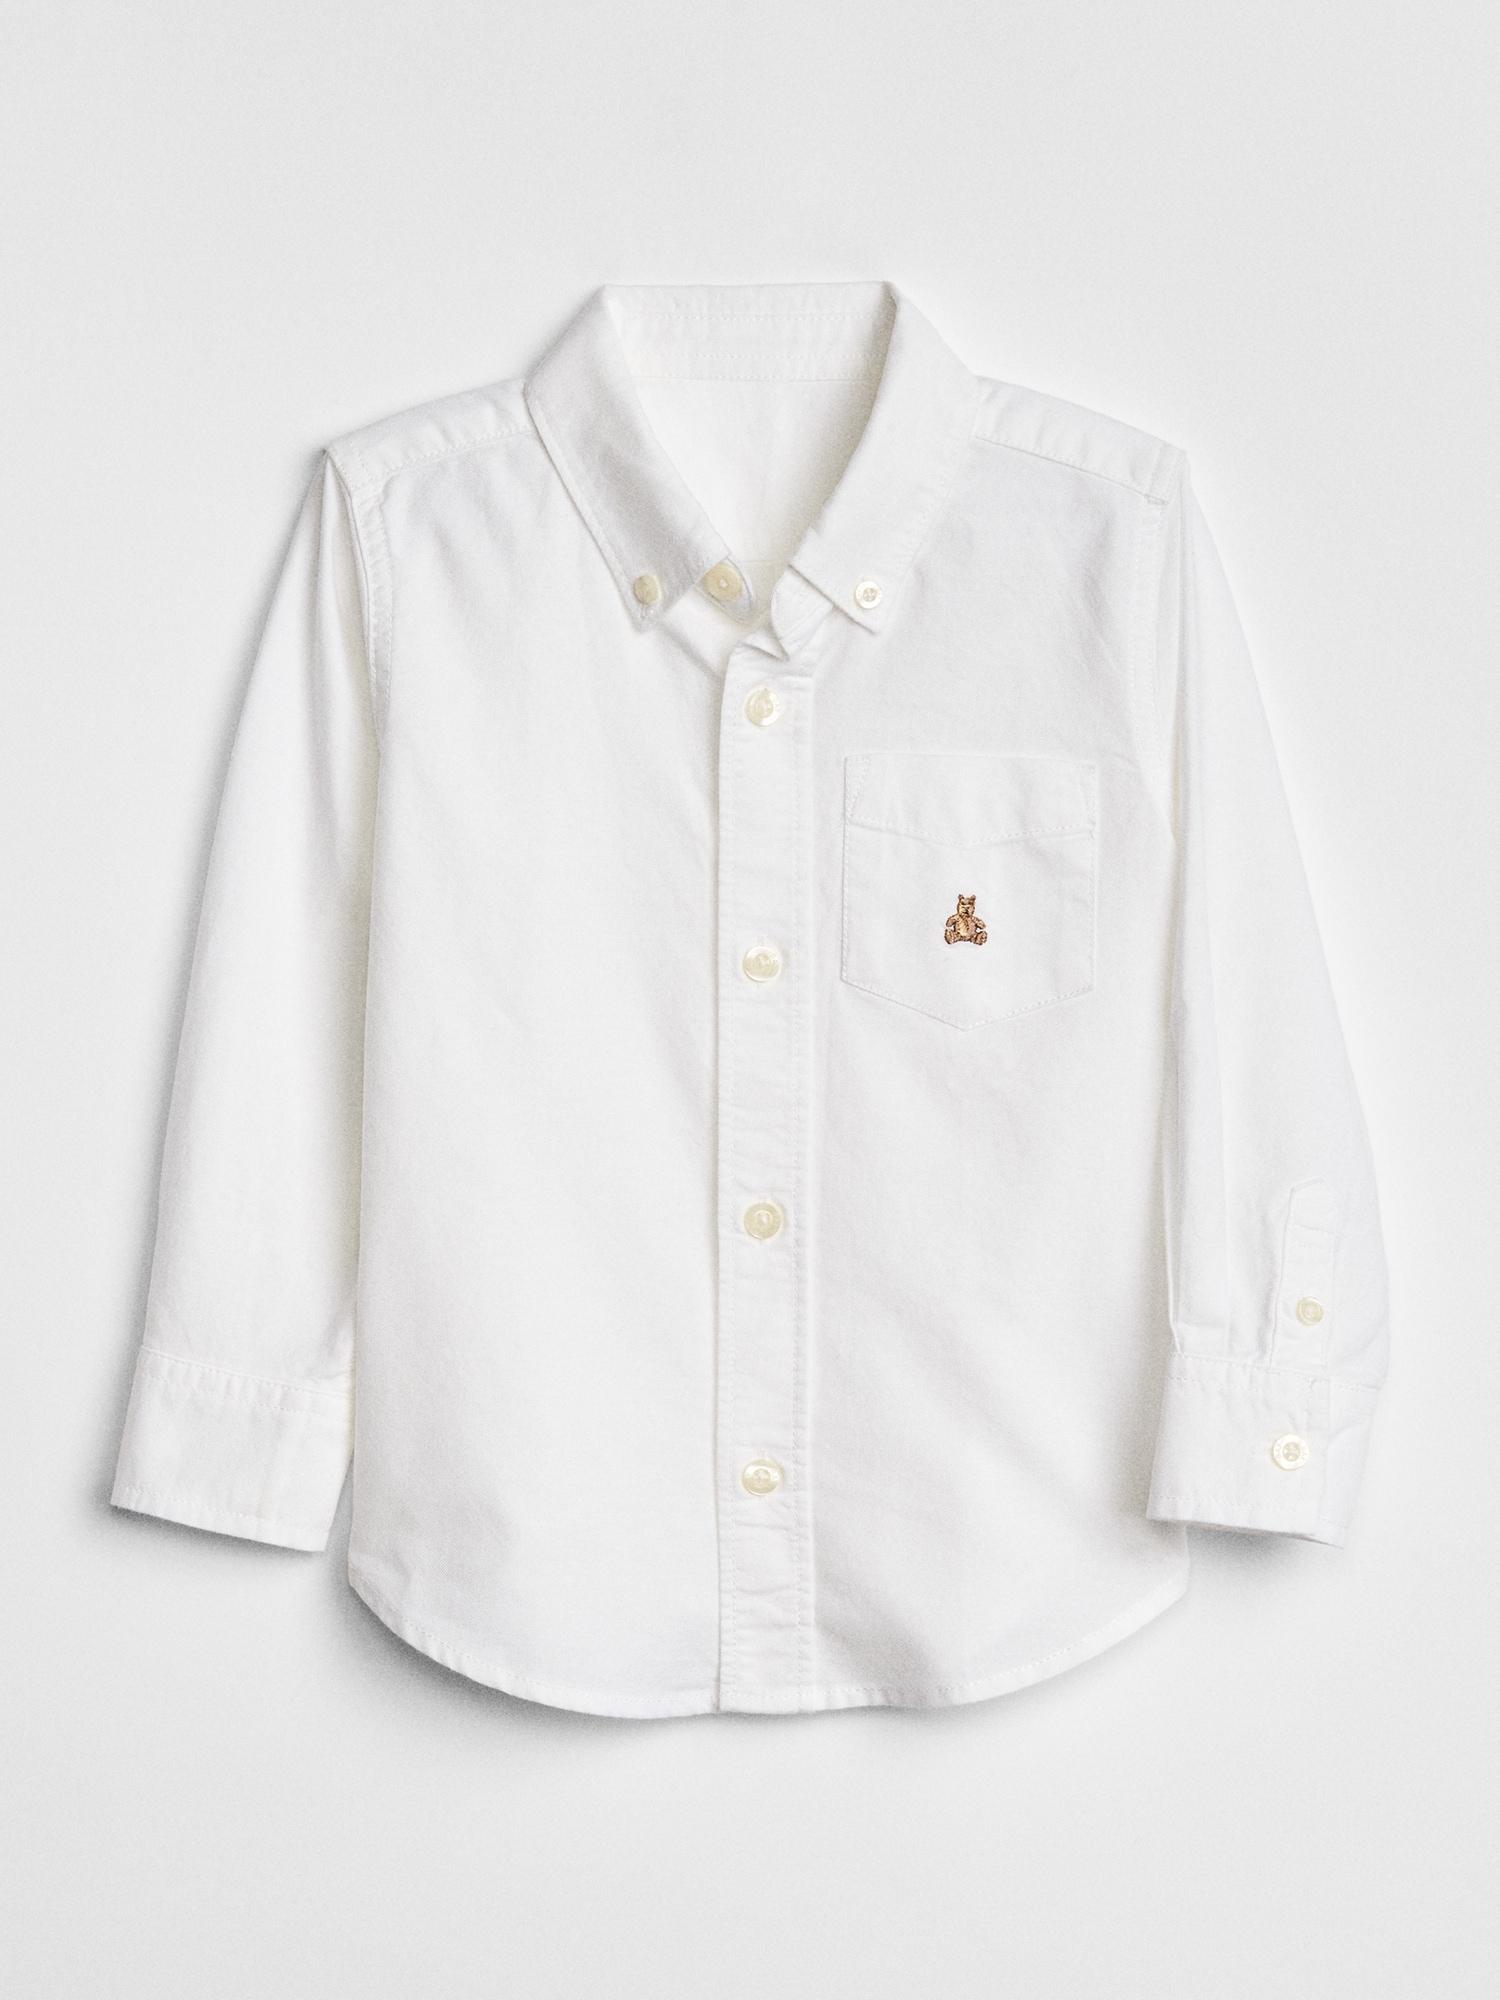 オックスフォード ボタンダウンシャツ(幼児)